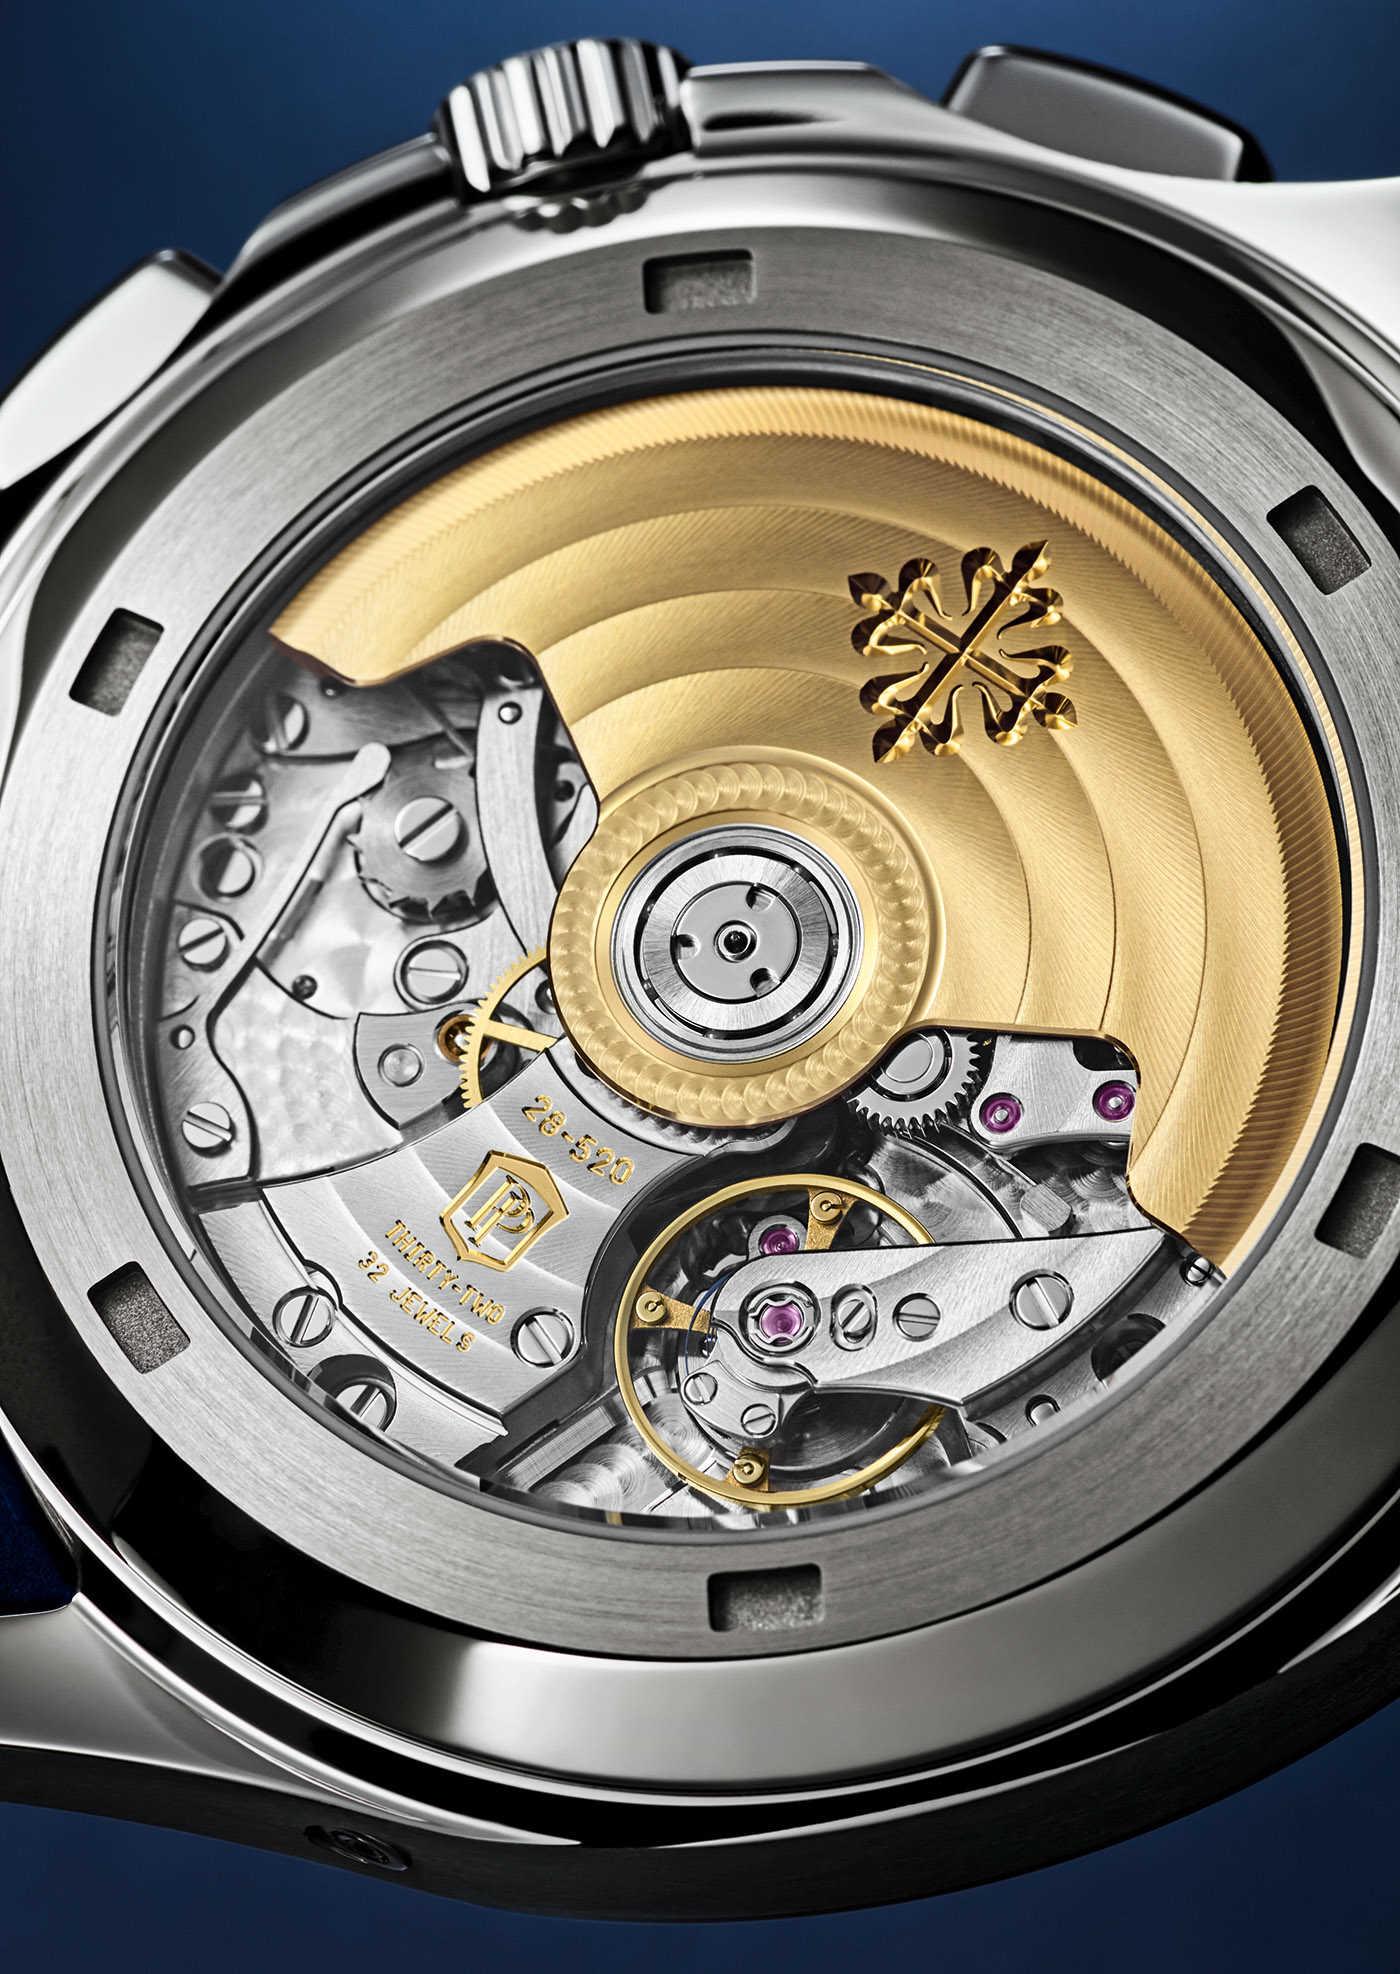 Patek Philippe представляет первые в истории часы-хронограф Aquanaut из белого золота